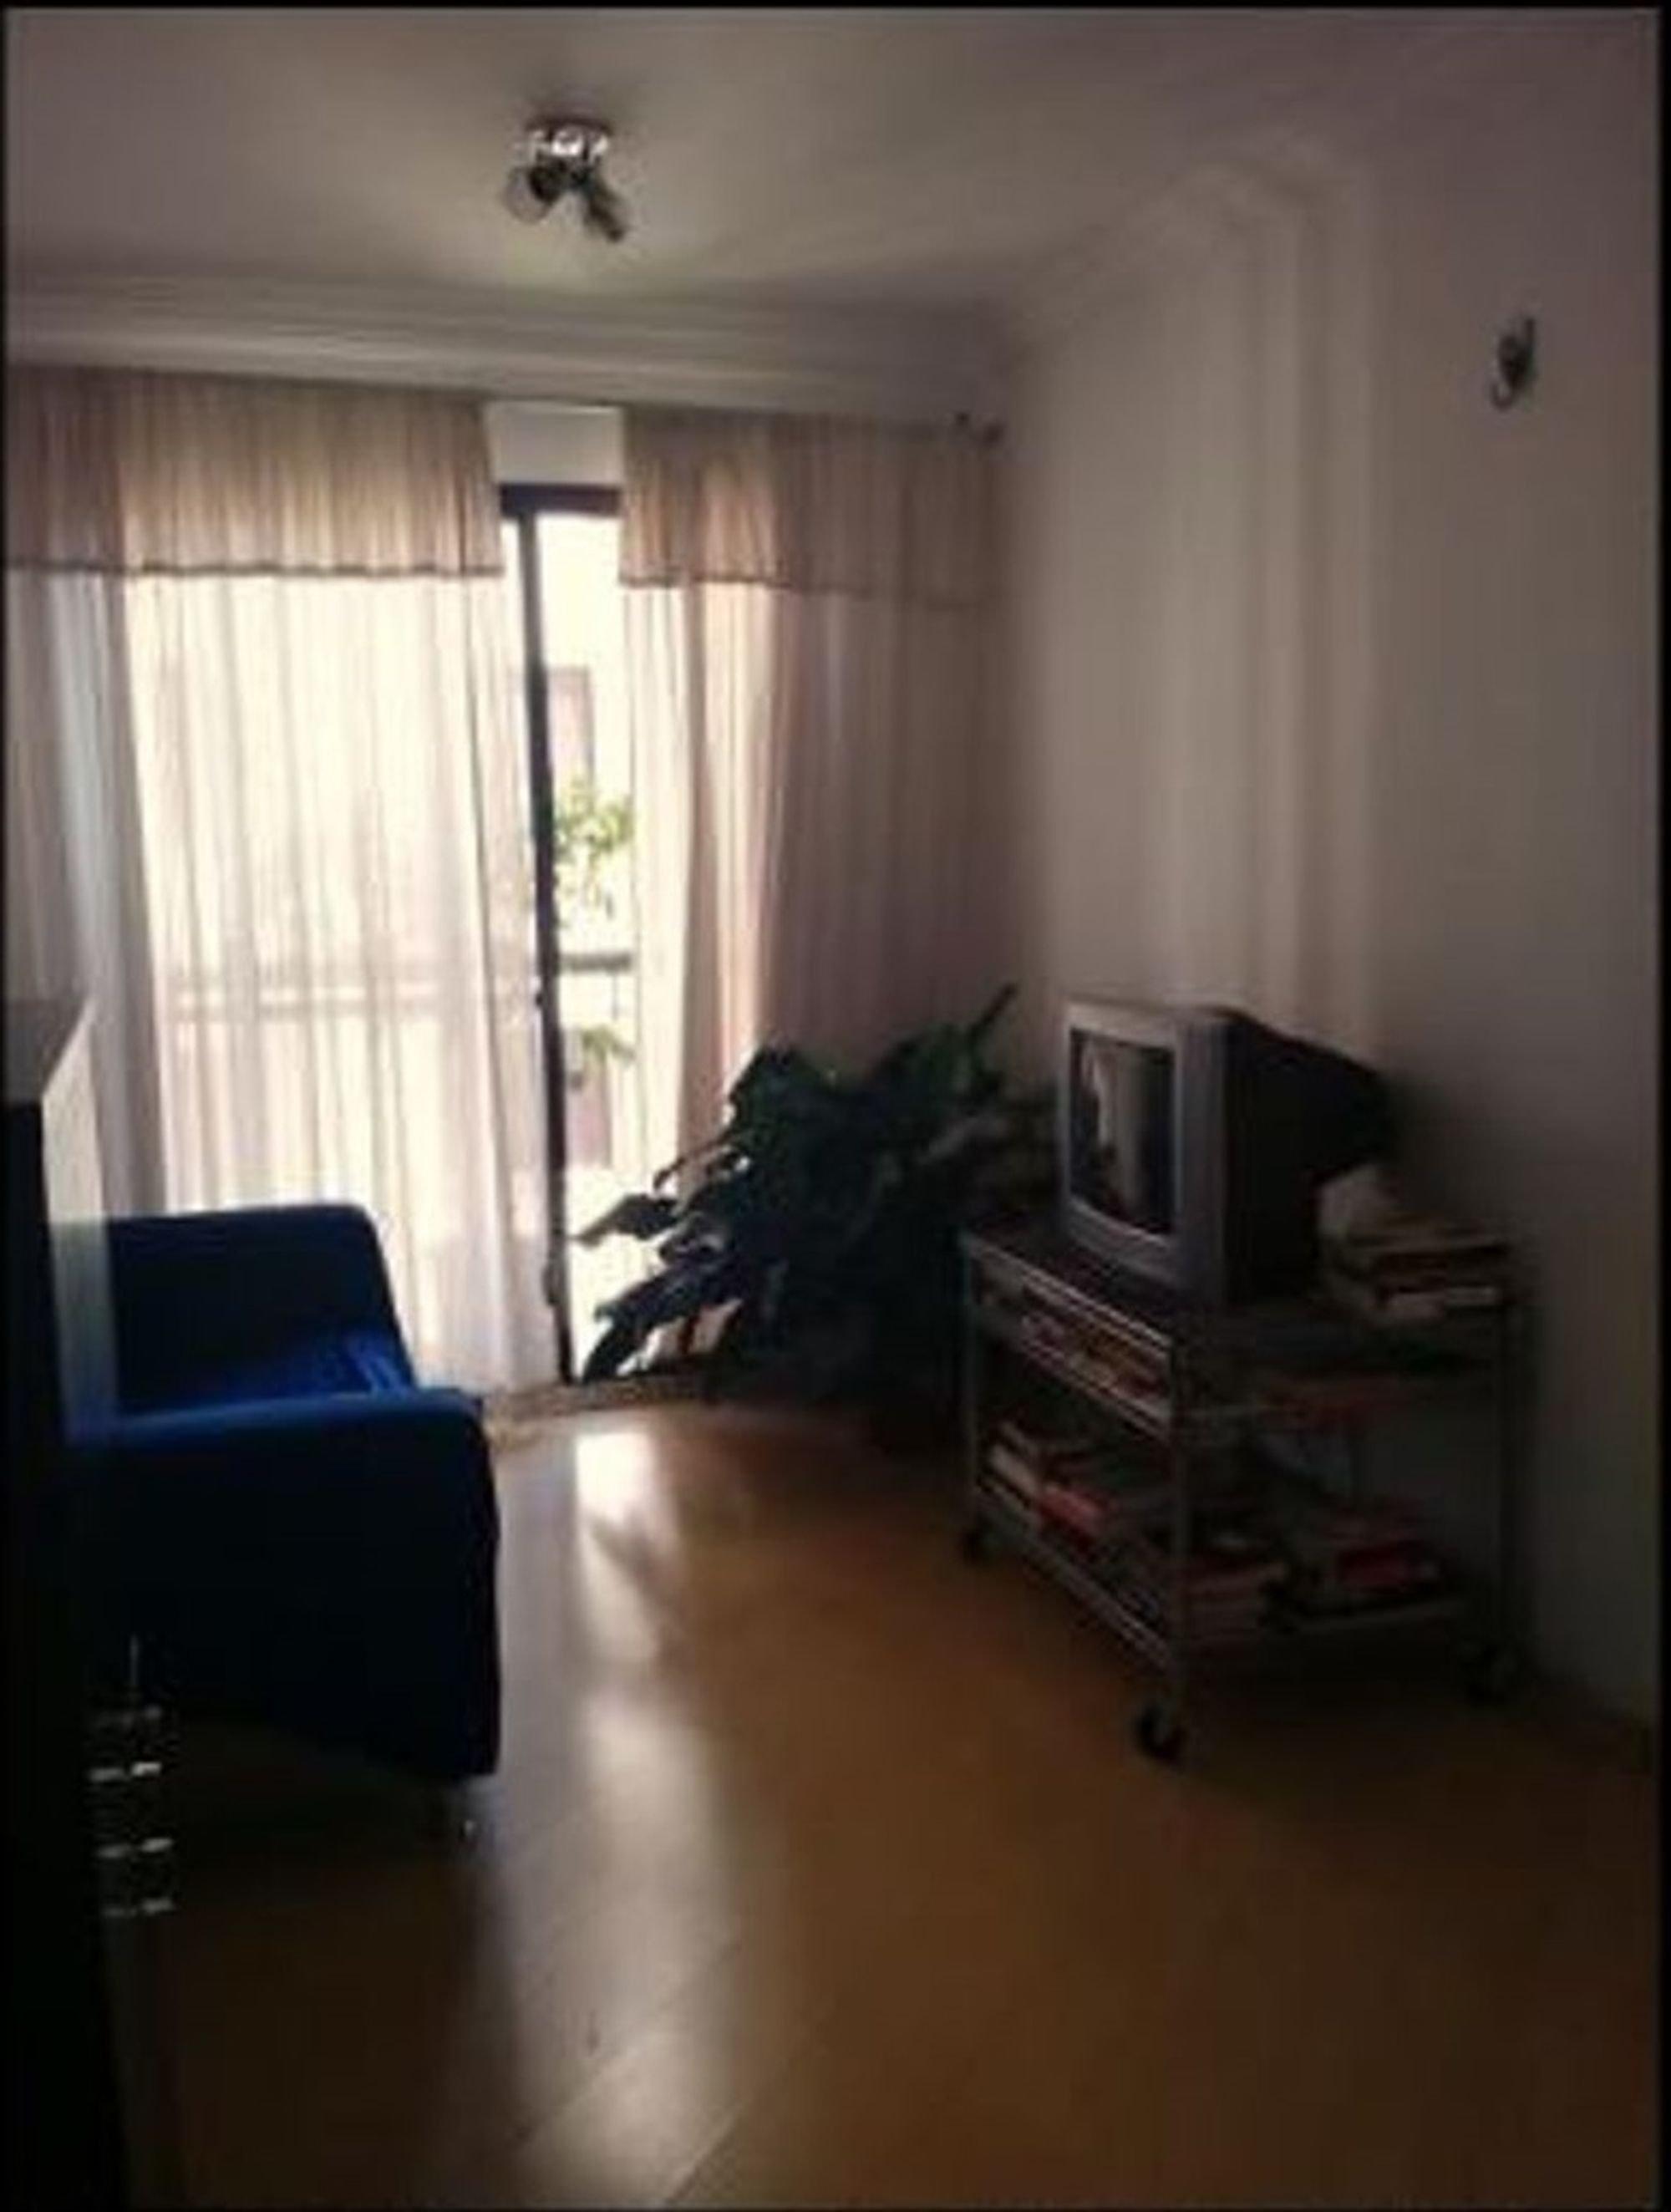 Foto de Sala com vaso de planta, televisão, cadeira